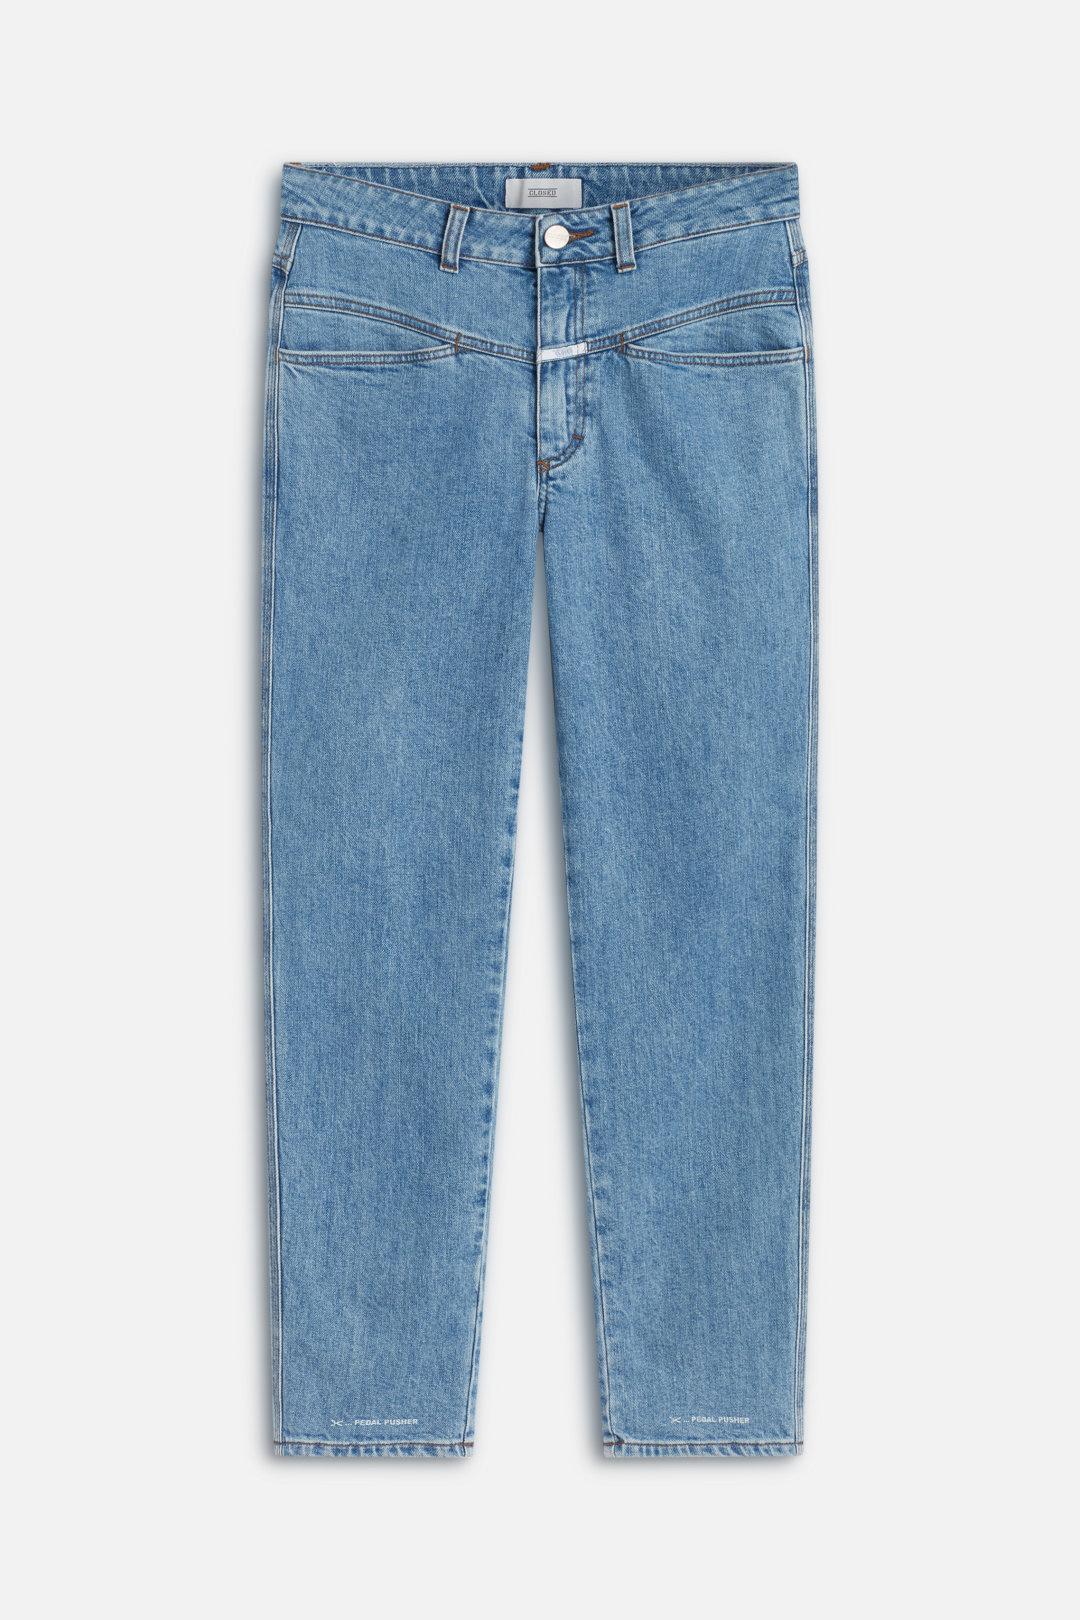 Closed Jeans C88002 05E 6A-1